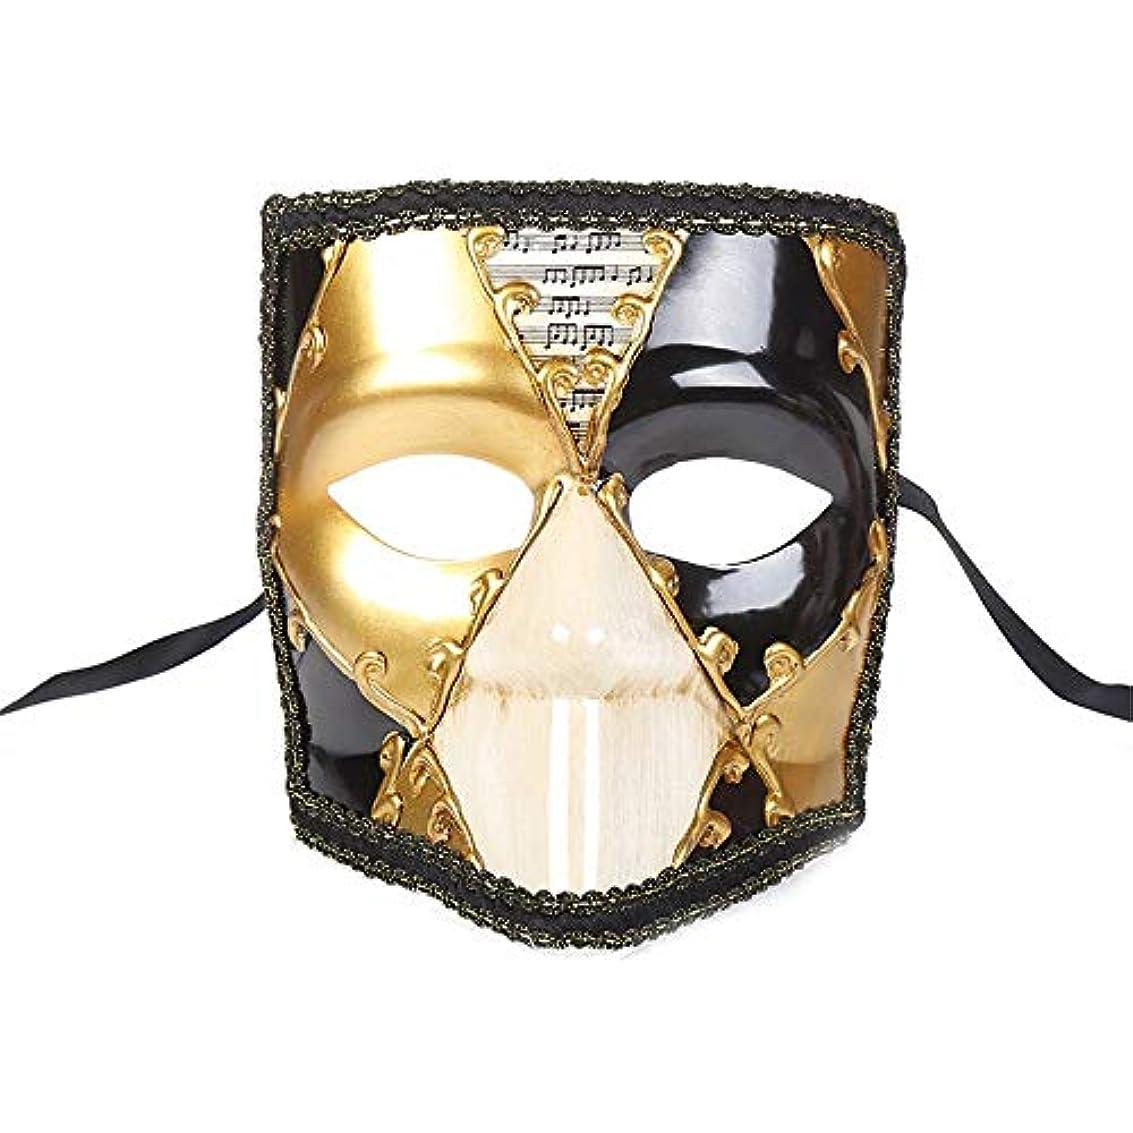 学習者マーキー潜在的なダンスマスク ピエロマスクヴィンテージマスカレードショーデコレーションコスプレナイトクラブプラスチック厚いマスク ホリデーパーティー用品 (色 : 黄, サイズ : 18x15cm)